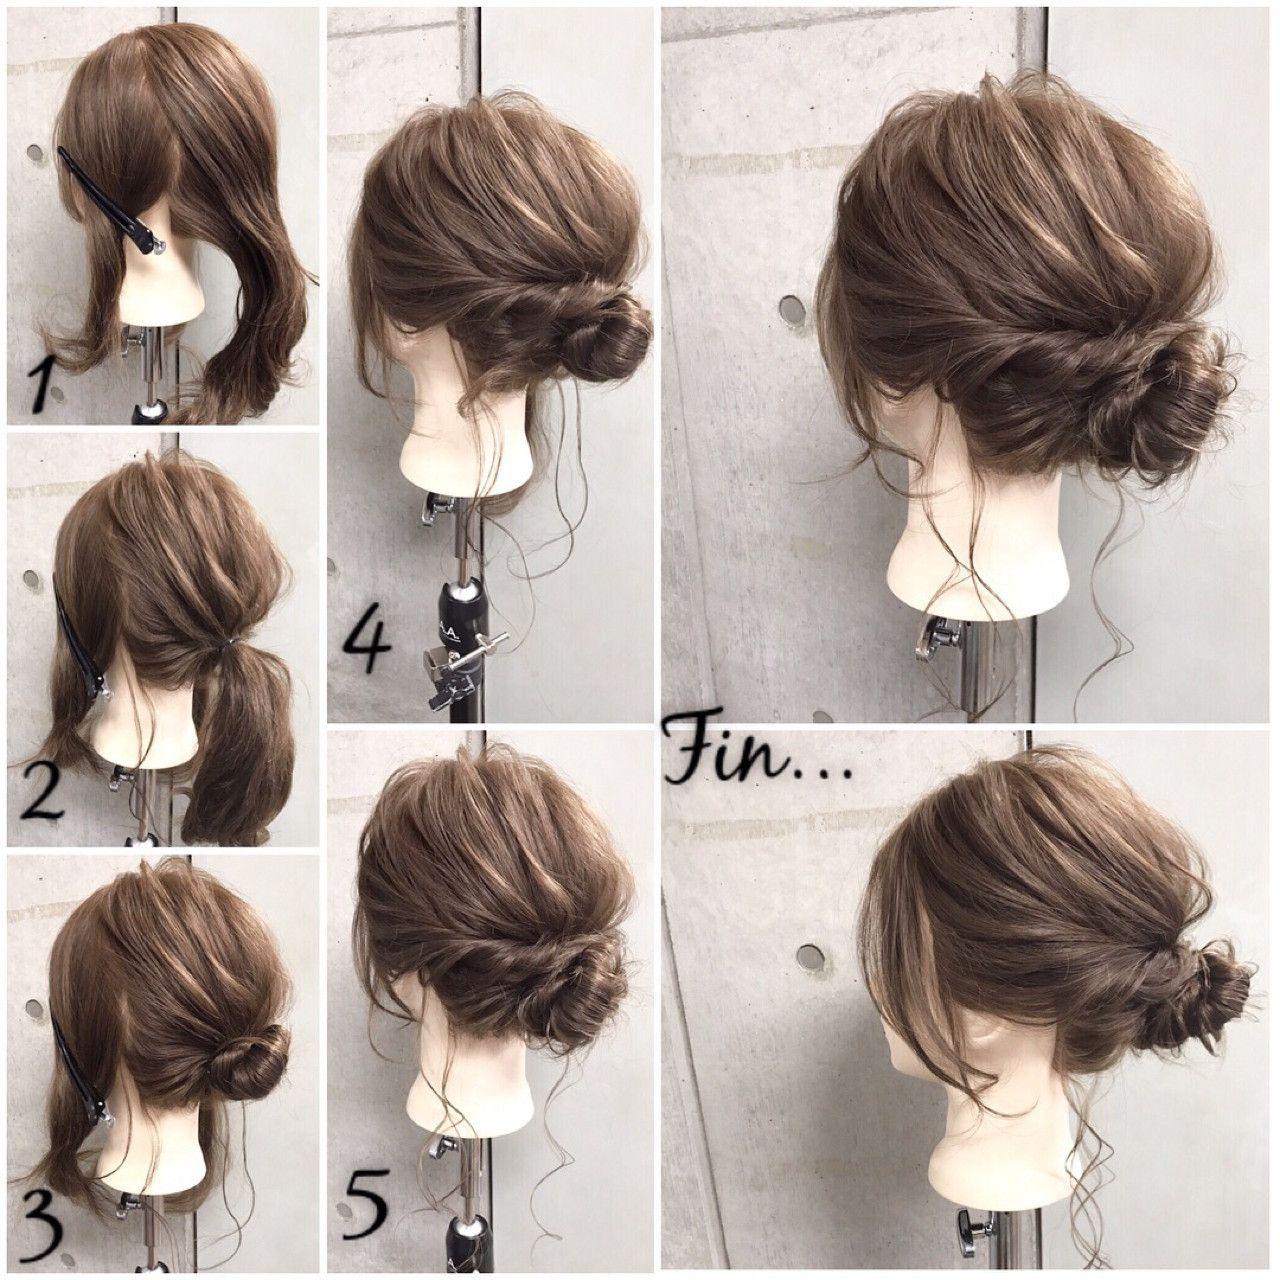 結婚式 お呼ばれにぴったりの髪型が自分で簡単にできちゃう 簡単